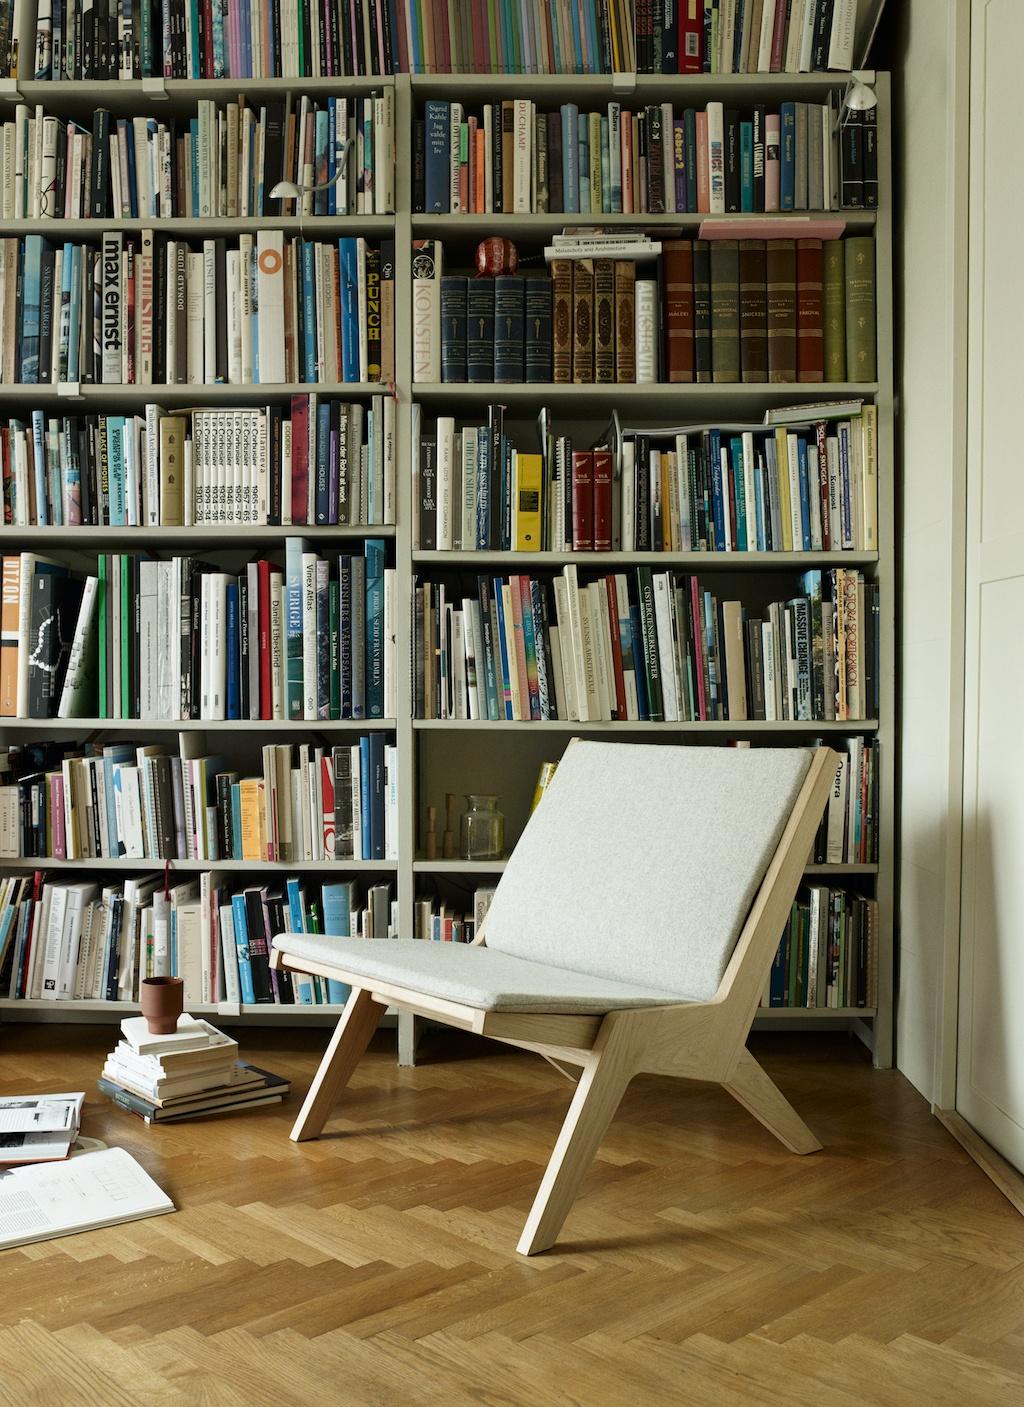 Ein TRaum von einem Bücherregal: Bis zur decke gefüllt mit Büchern, davor ein breiter Sessel zum Lesen. Schöner Schmökern: Inspiration für die Leseecke.